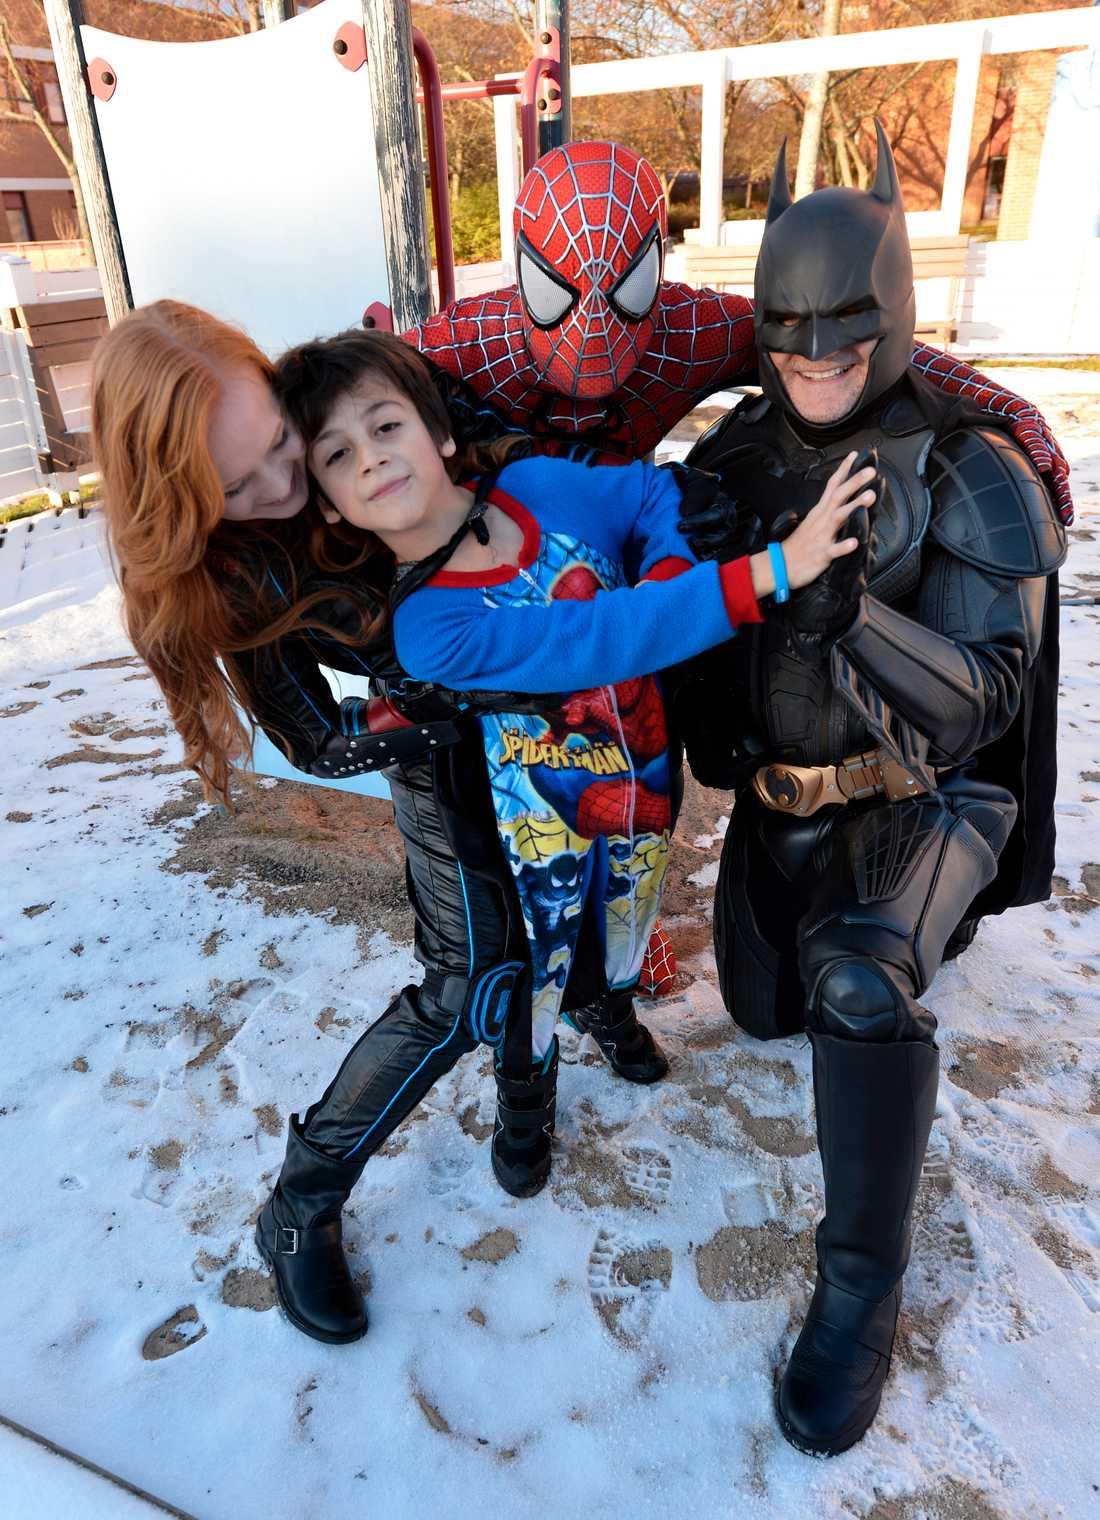 Superhjältar mot cancer utsågs till Årets Vårdhjältar 2014. Sedan dess har föreningen växt och hjältarna är ständigt ute på uppdrag.